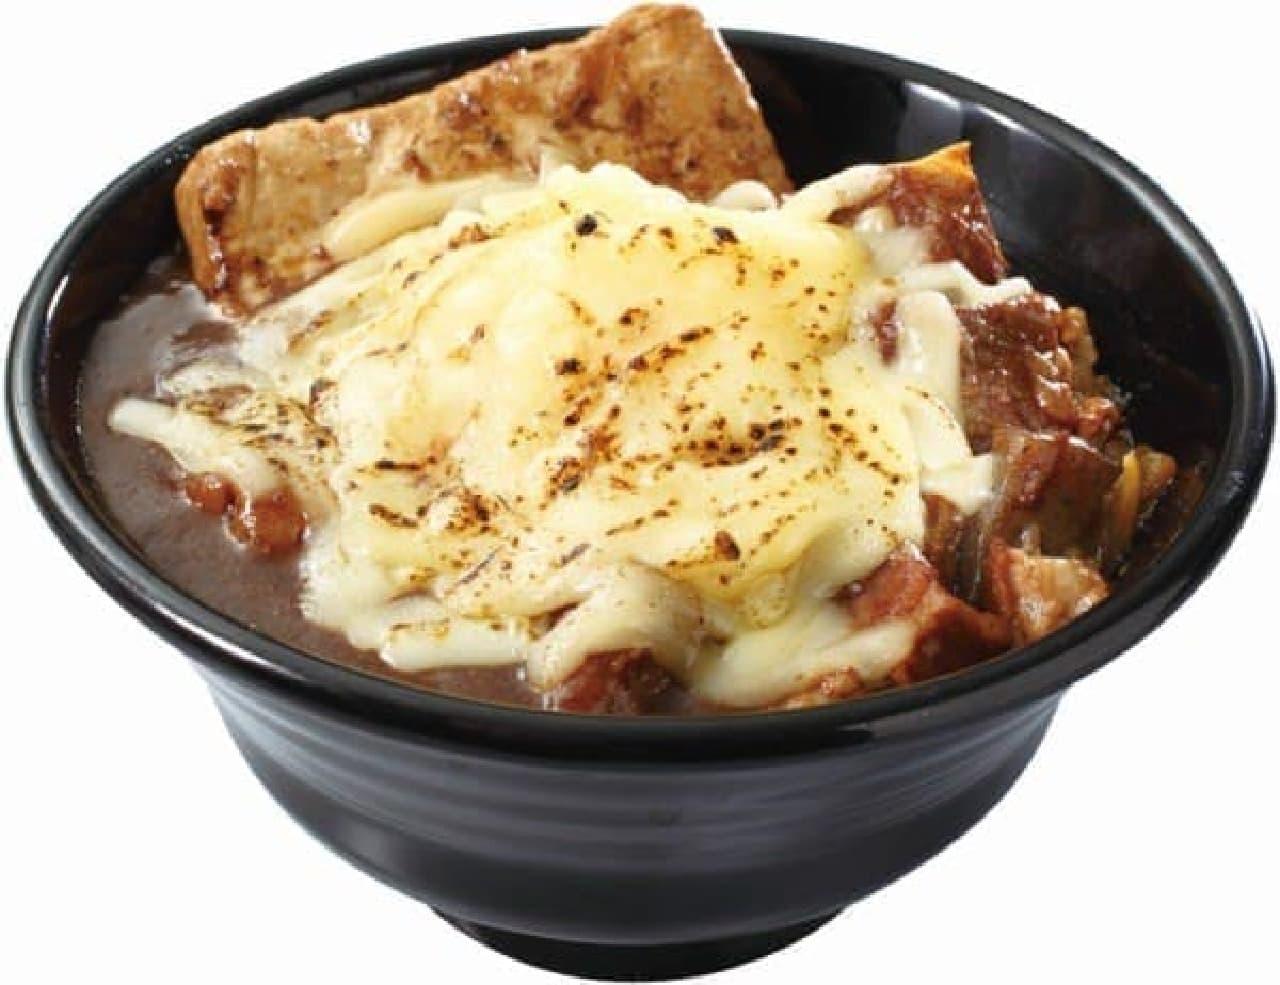 味噌×カレー×チーズも相性抜群